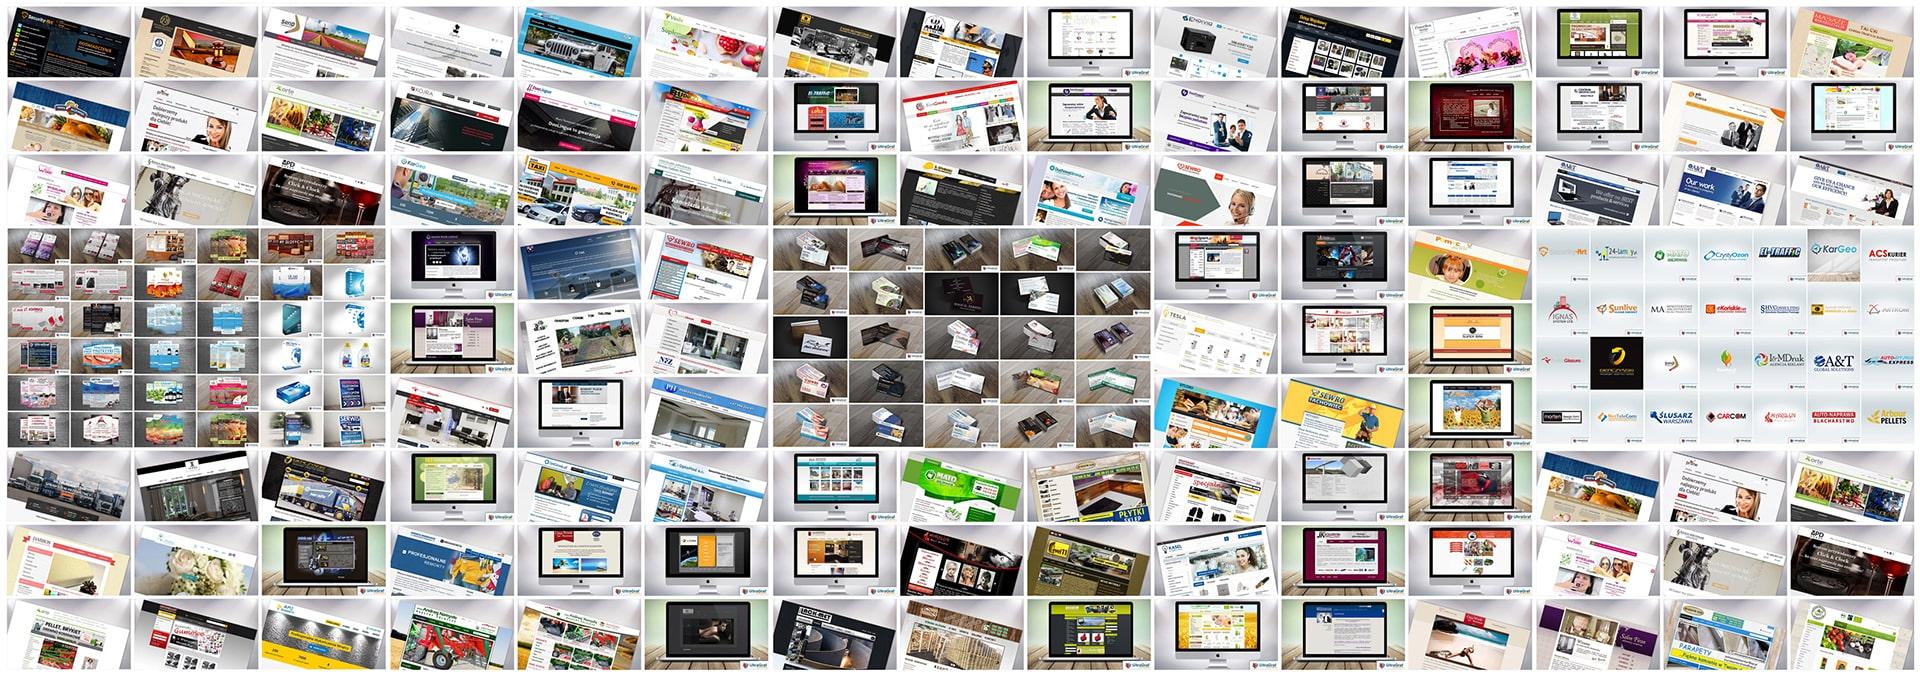 Strony I sklepy Internetowe Pozycjonowanie Marketing SEO UltraGraf Końskie - Portfolio